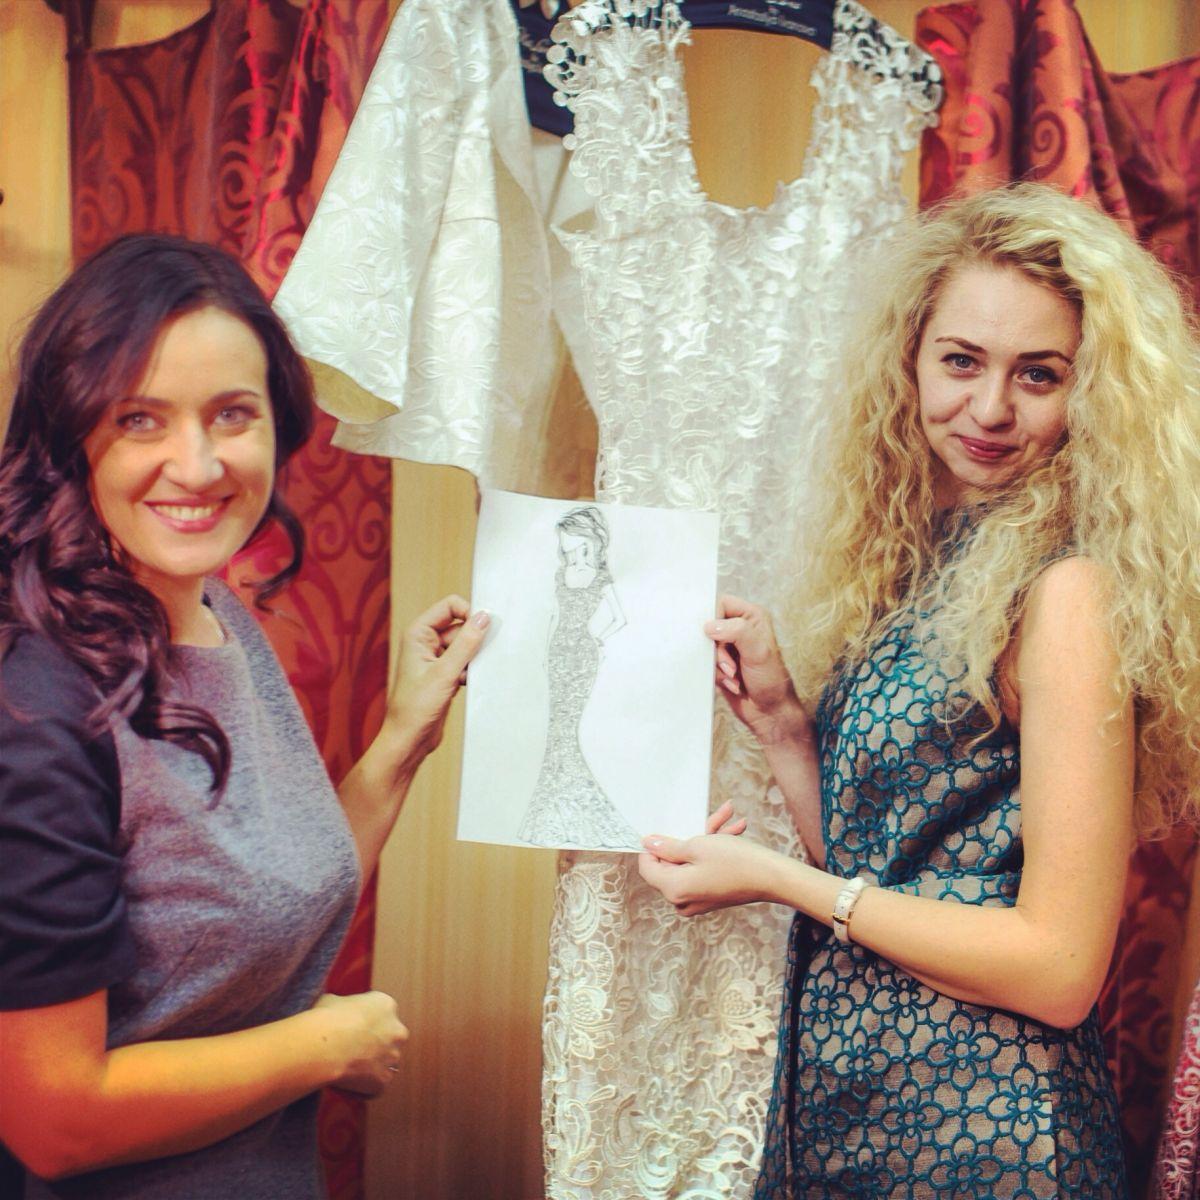 Соломия Витвицкая вышла замуж свадьба платье фото